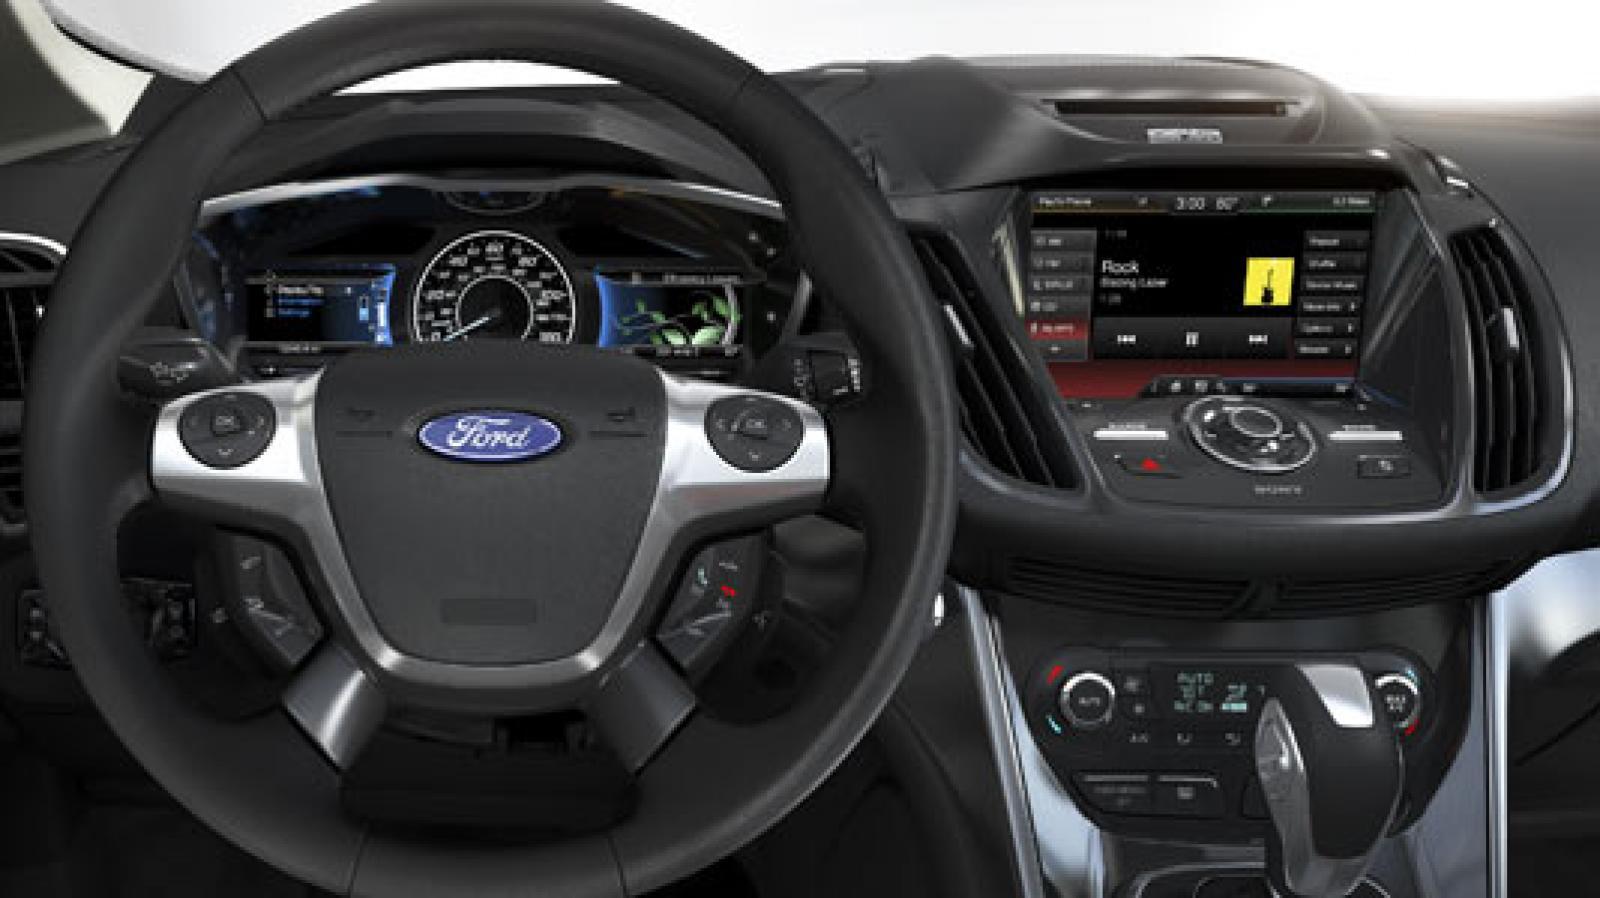 800 1024 1280 1600 origin 2015 ford c max